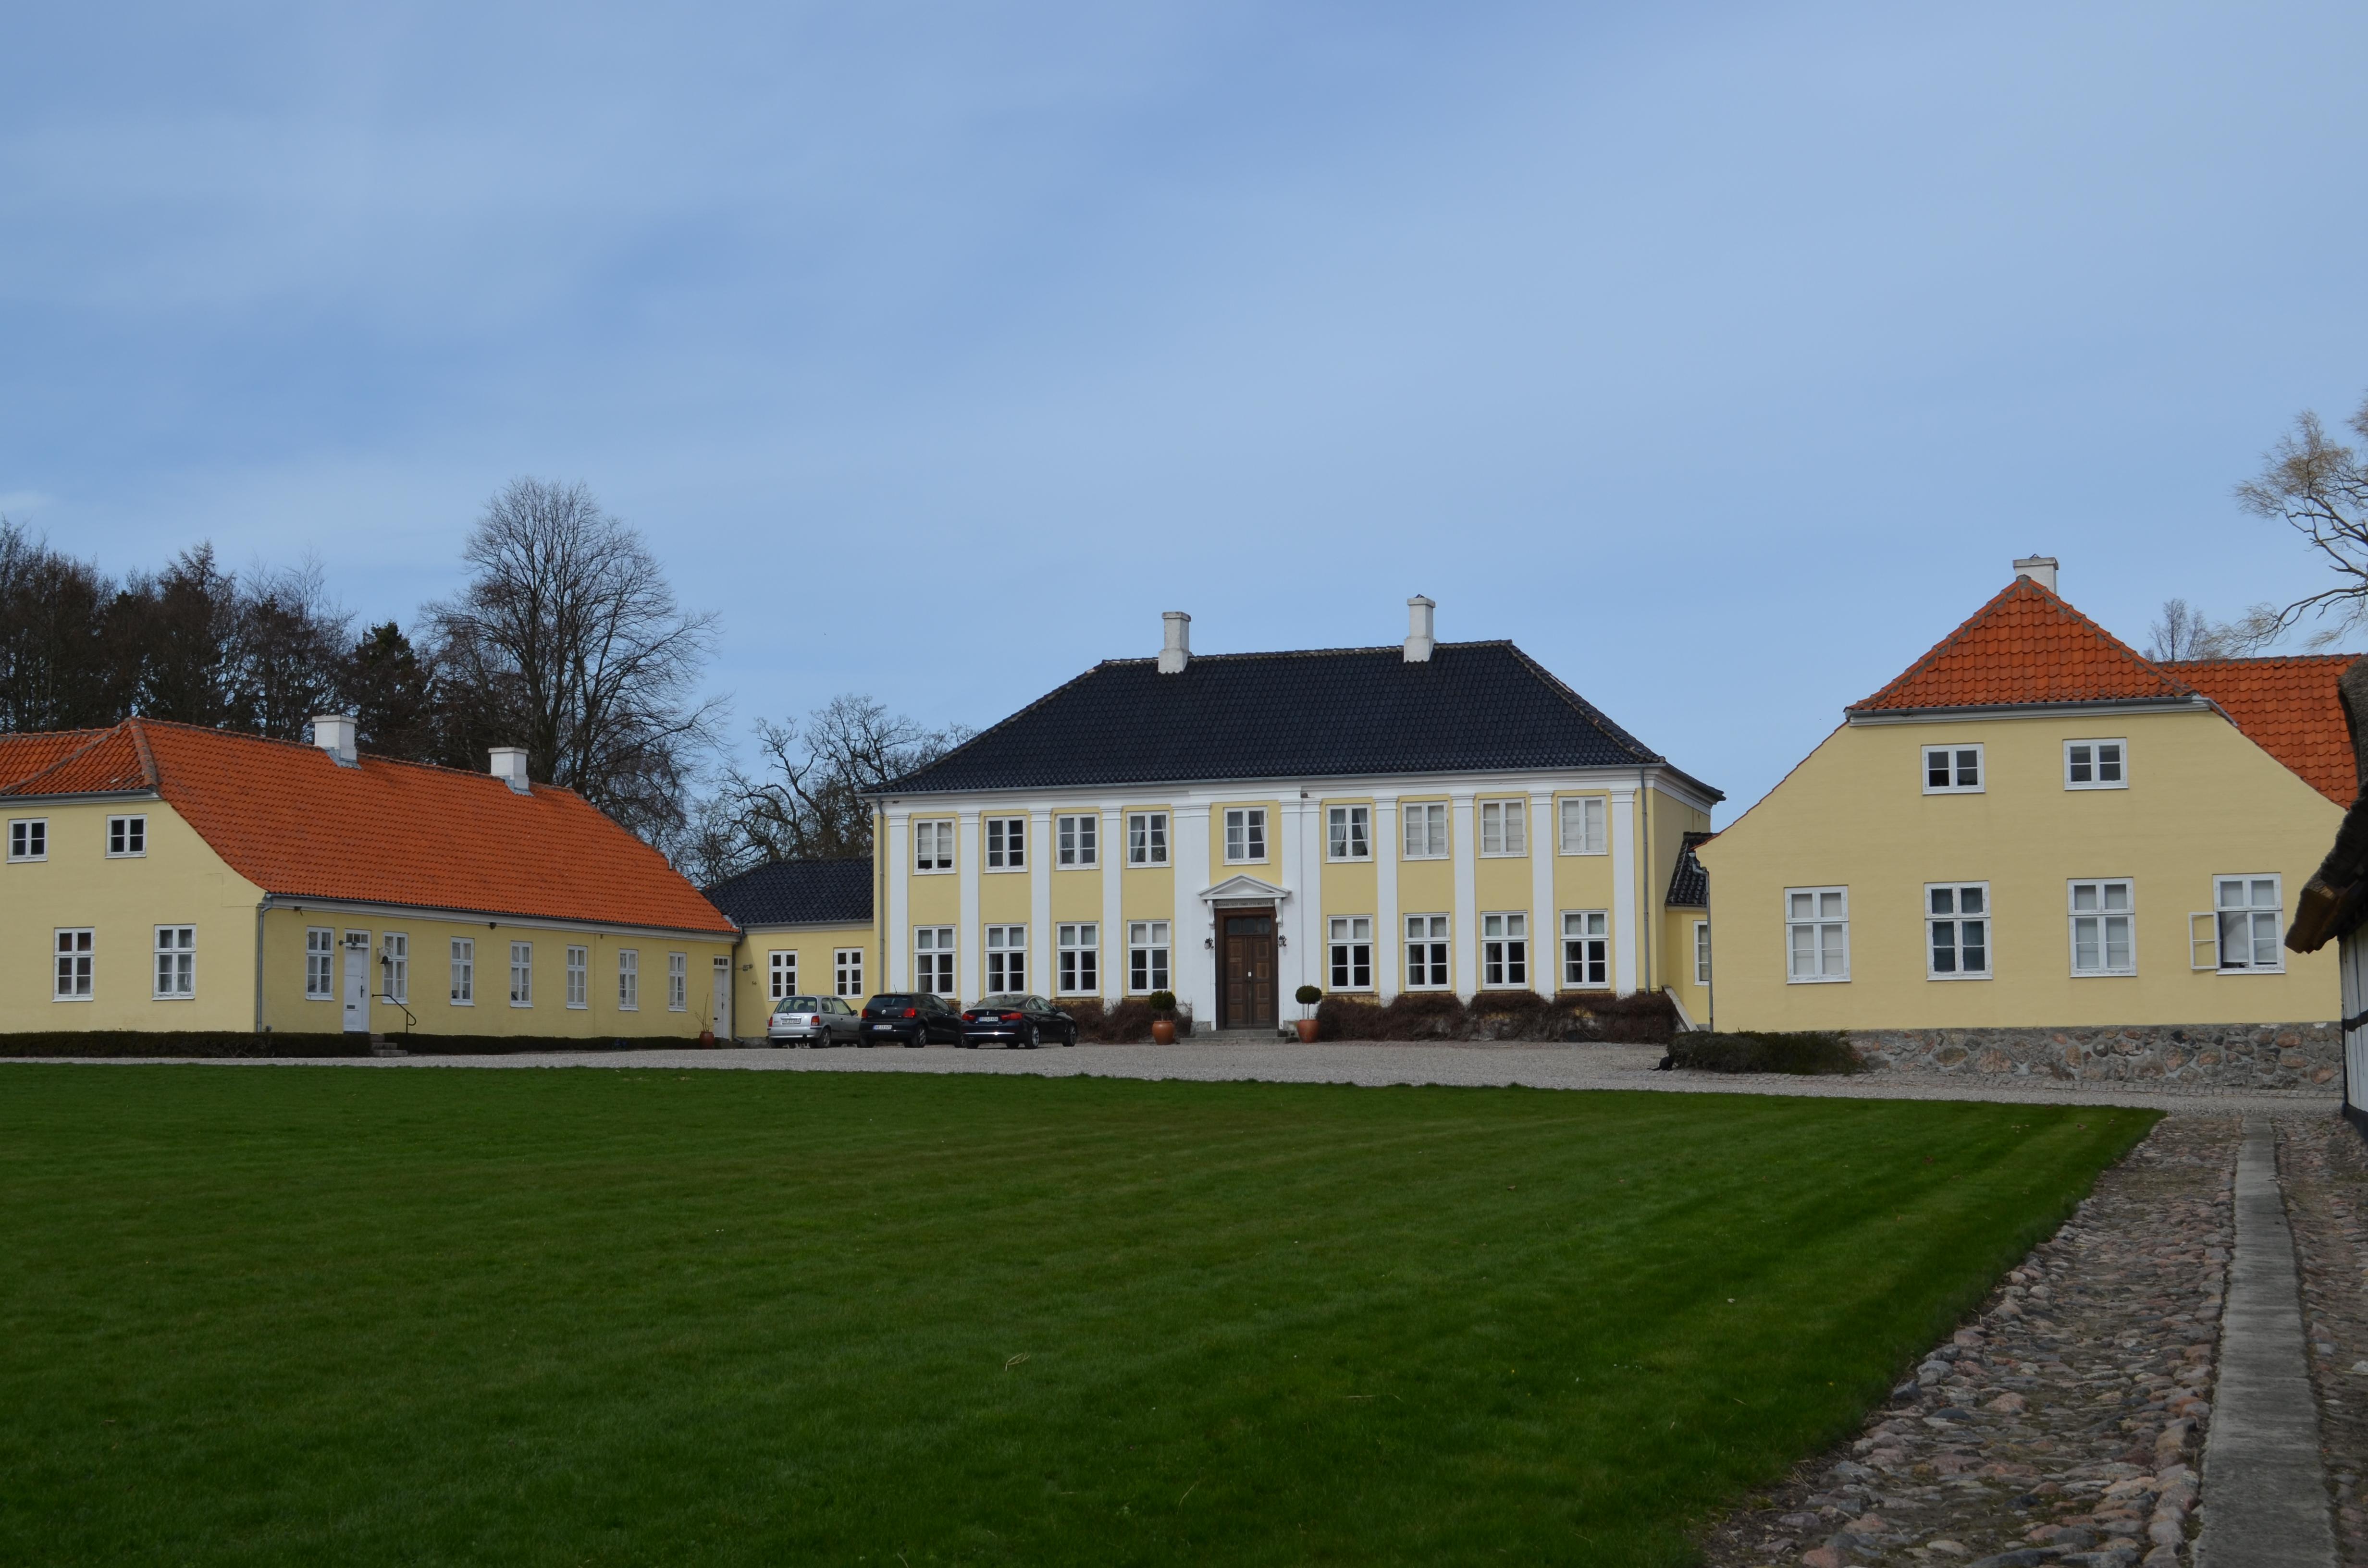 Hotel bandholm hvem ejer Bandholm Badehotel